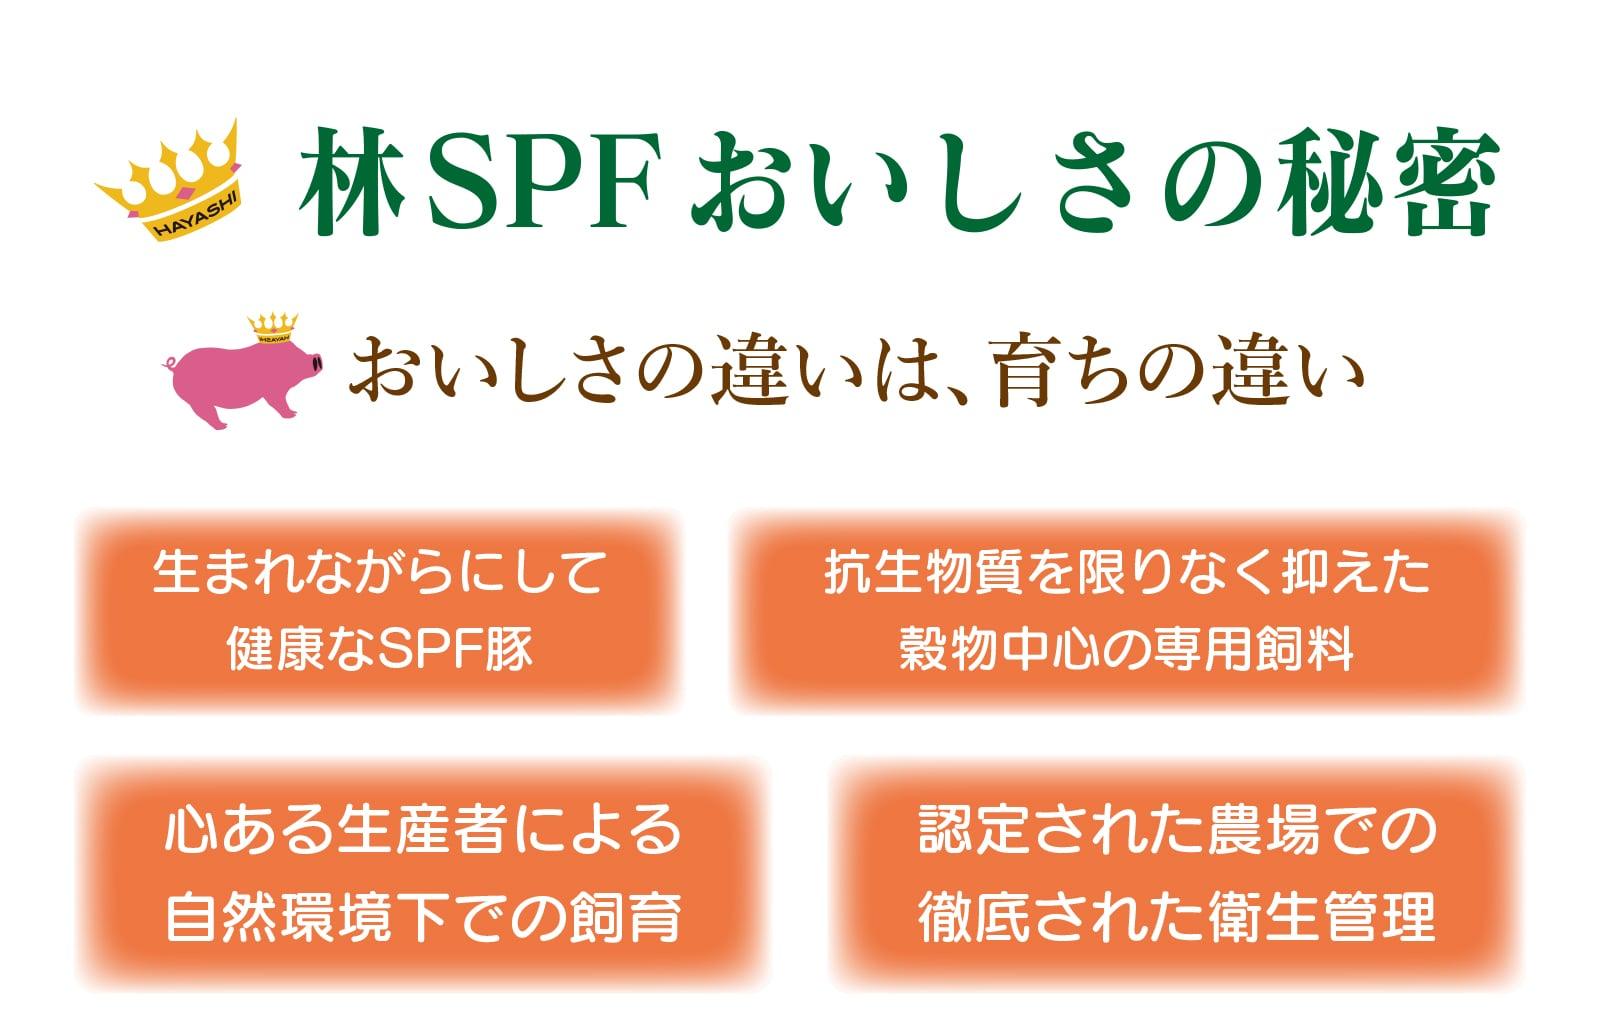 林SPFおいしさの秘密。おいしさの違いは、育ちの違い。生まれながらにして健康なSPF豚、抗生物質を限りなく抑えた穀物中心の専用飼料、心ある生産者による自然環境下での飼育、認定された農場での徹底された衛生管理